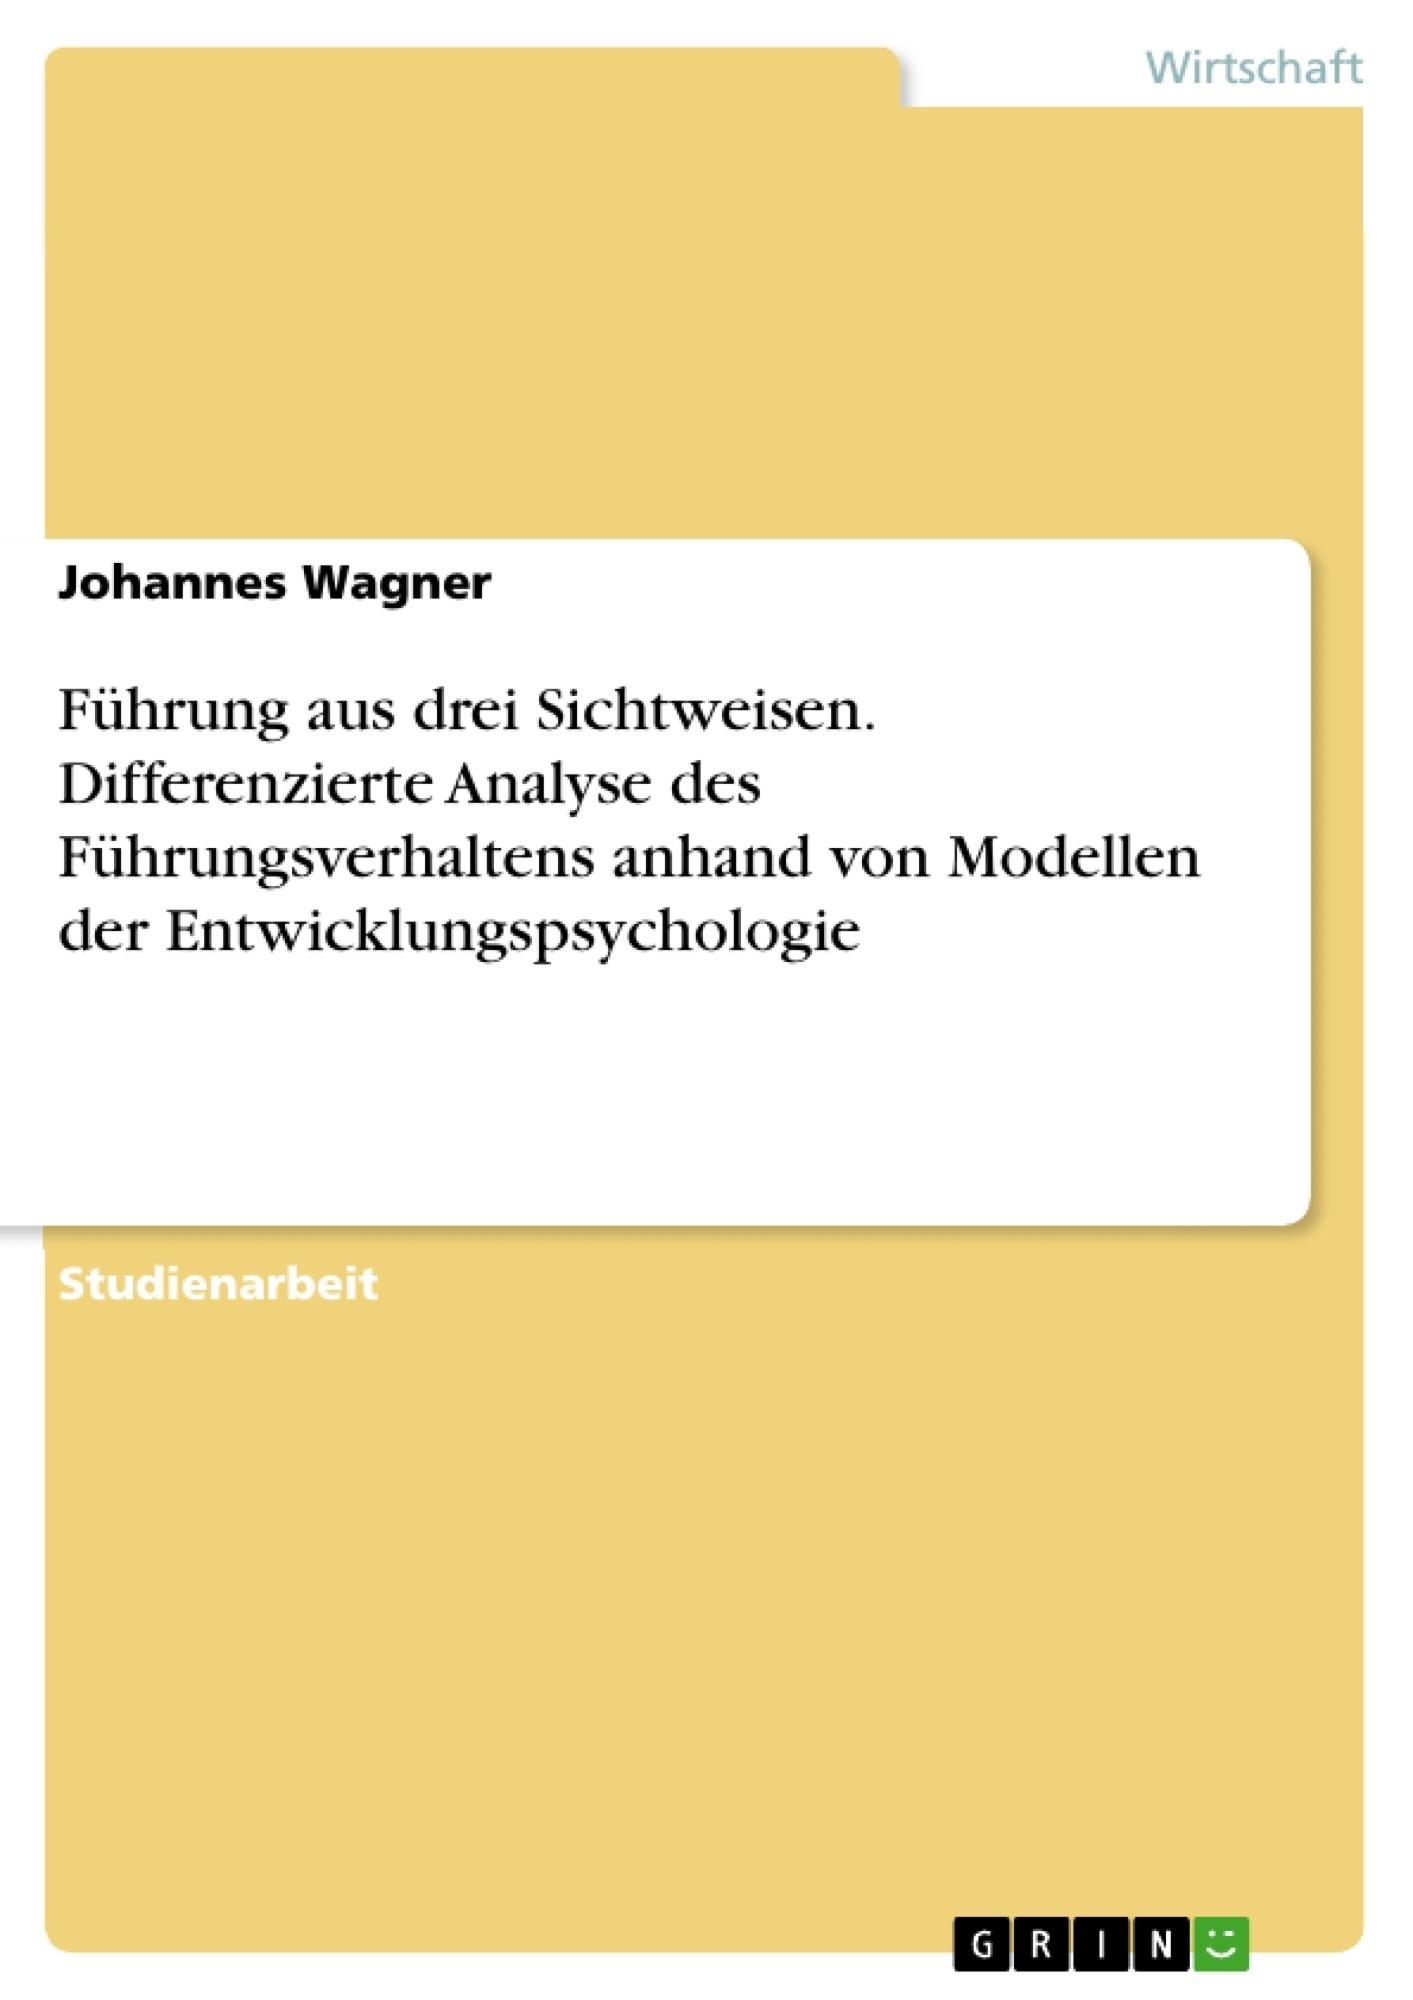 Titel: Führung aus drei Sichtweisen. Differenzierte Analyse des Führungsverhaltens anhand von Modellen der Entwicklungspsychologie